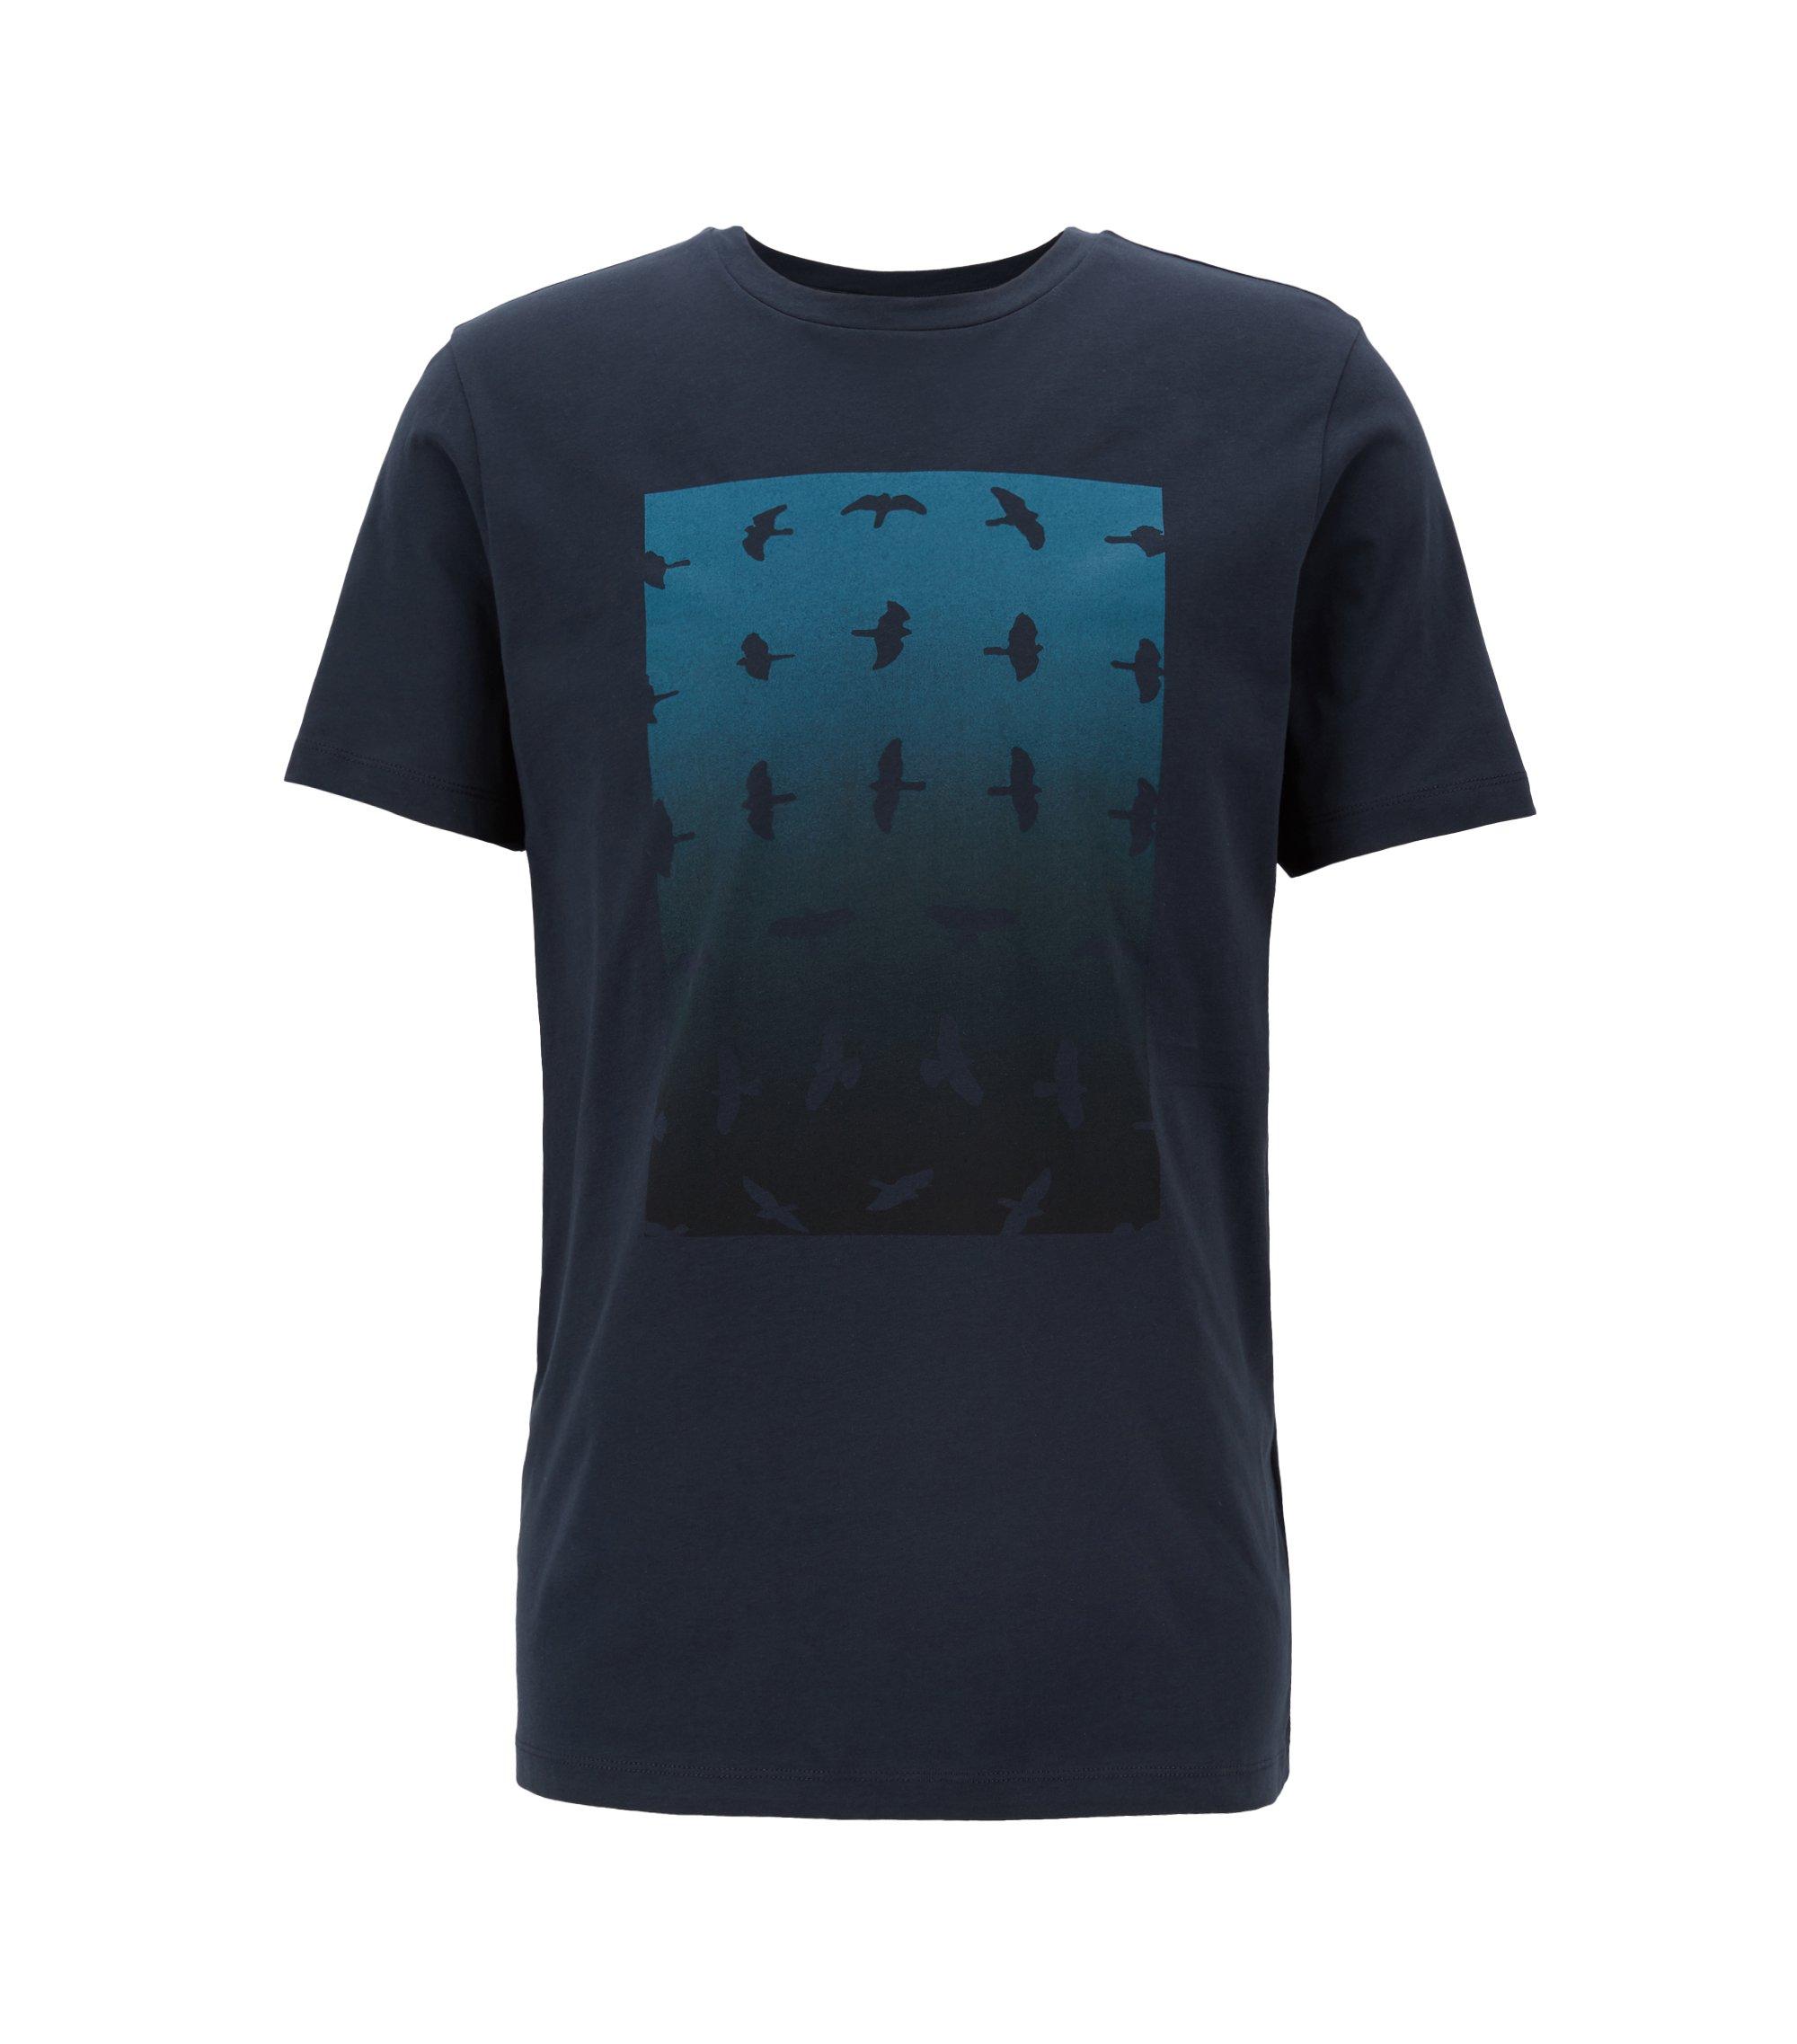 T-shirt met ronde hals en grafische aquarelprint, Donkerblauw